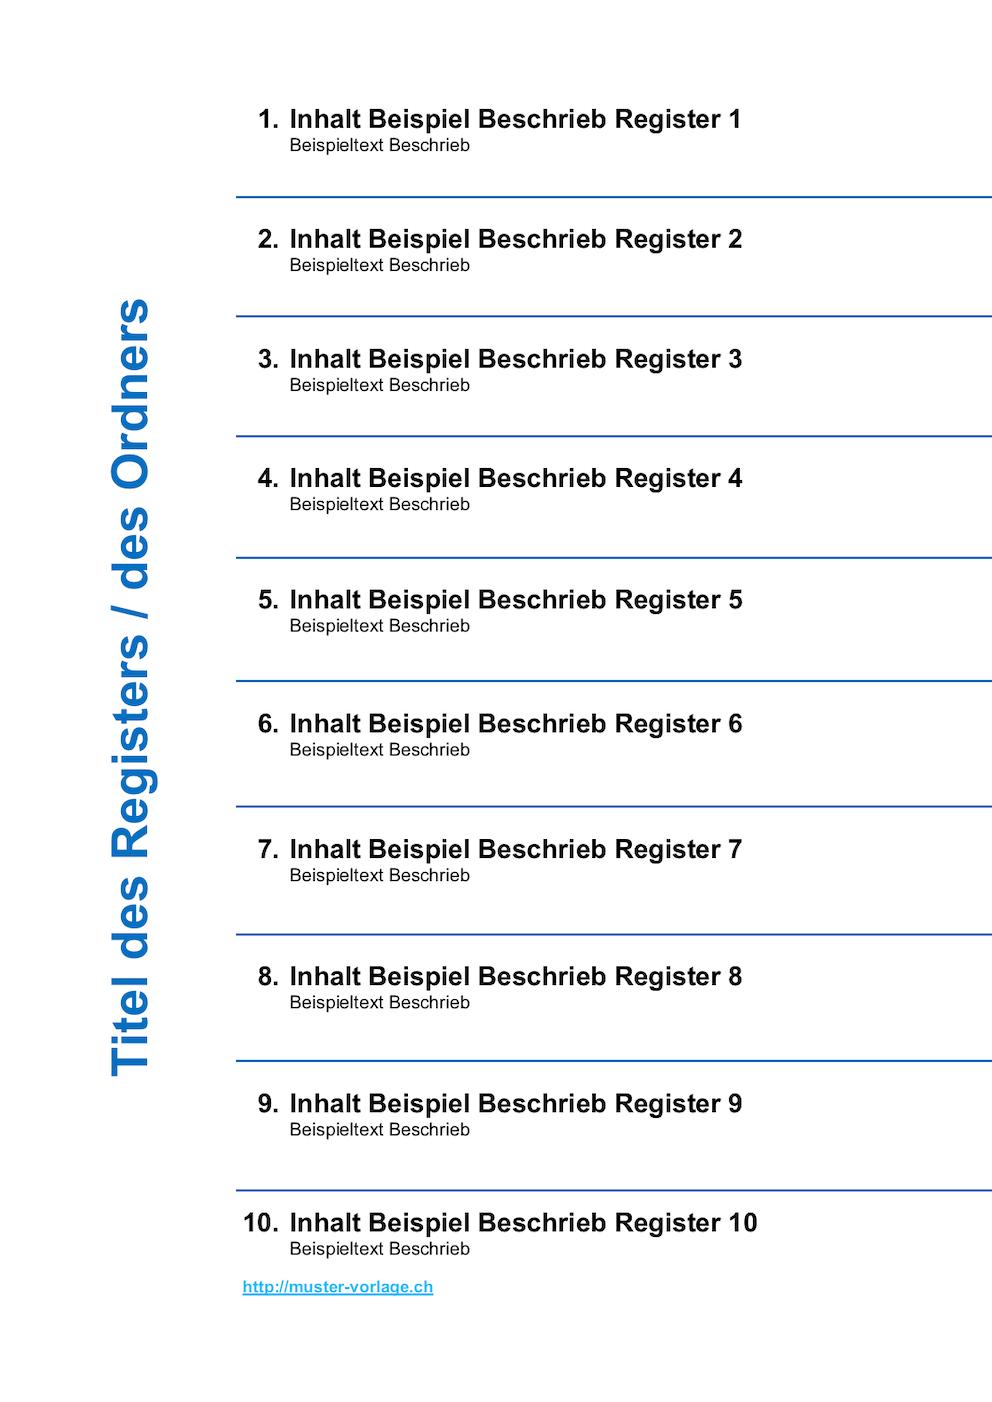 Ordnerregister Vorlage - Deckblatt | Gratis Word-Vorlage bei Inhaltsverzeichnis Vorlage Word Zum Ausdrucken